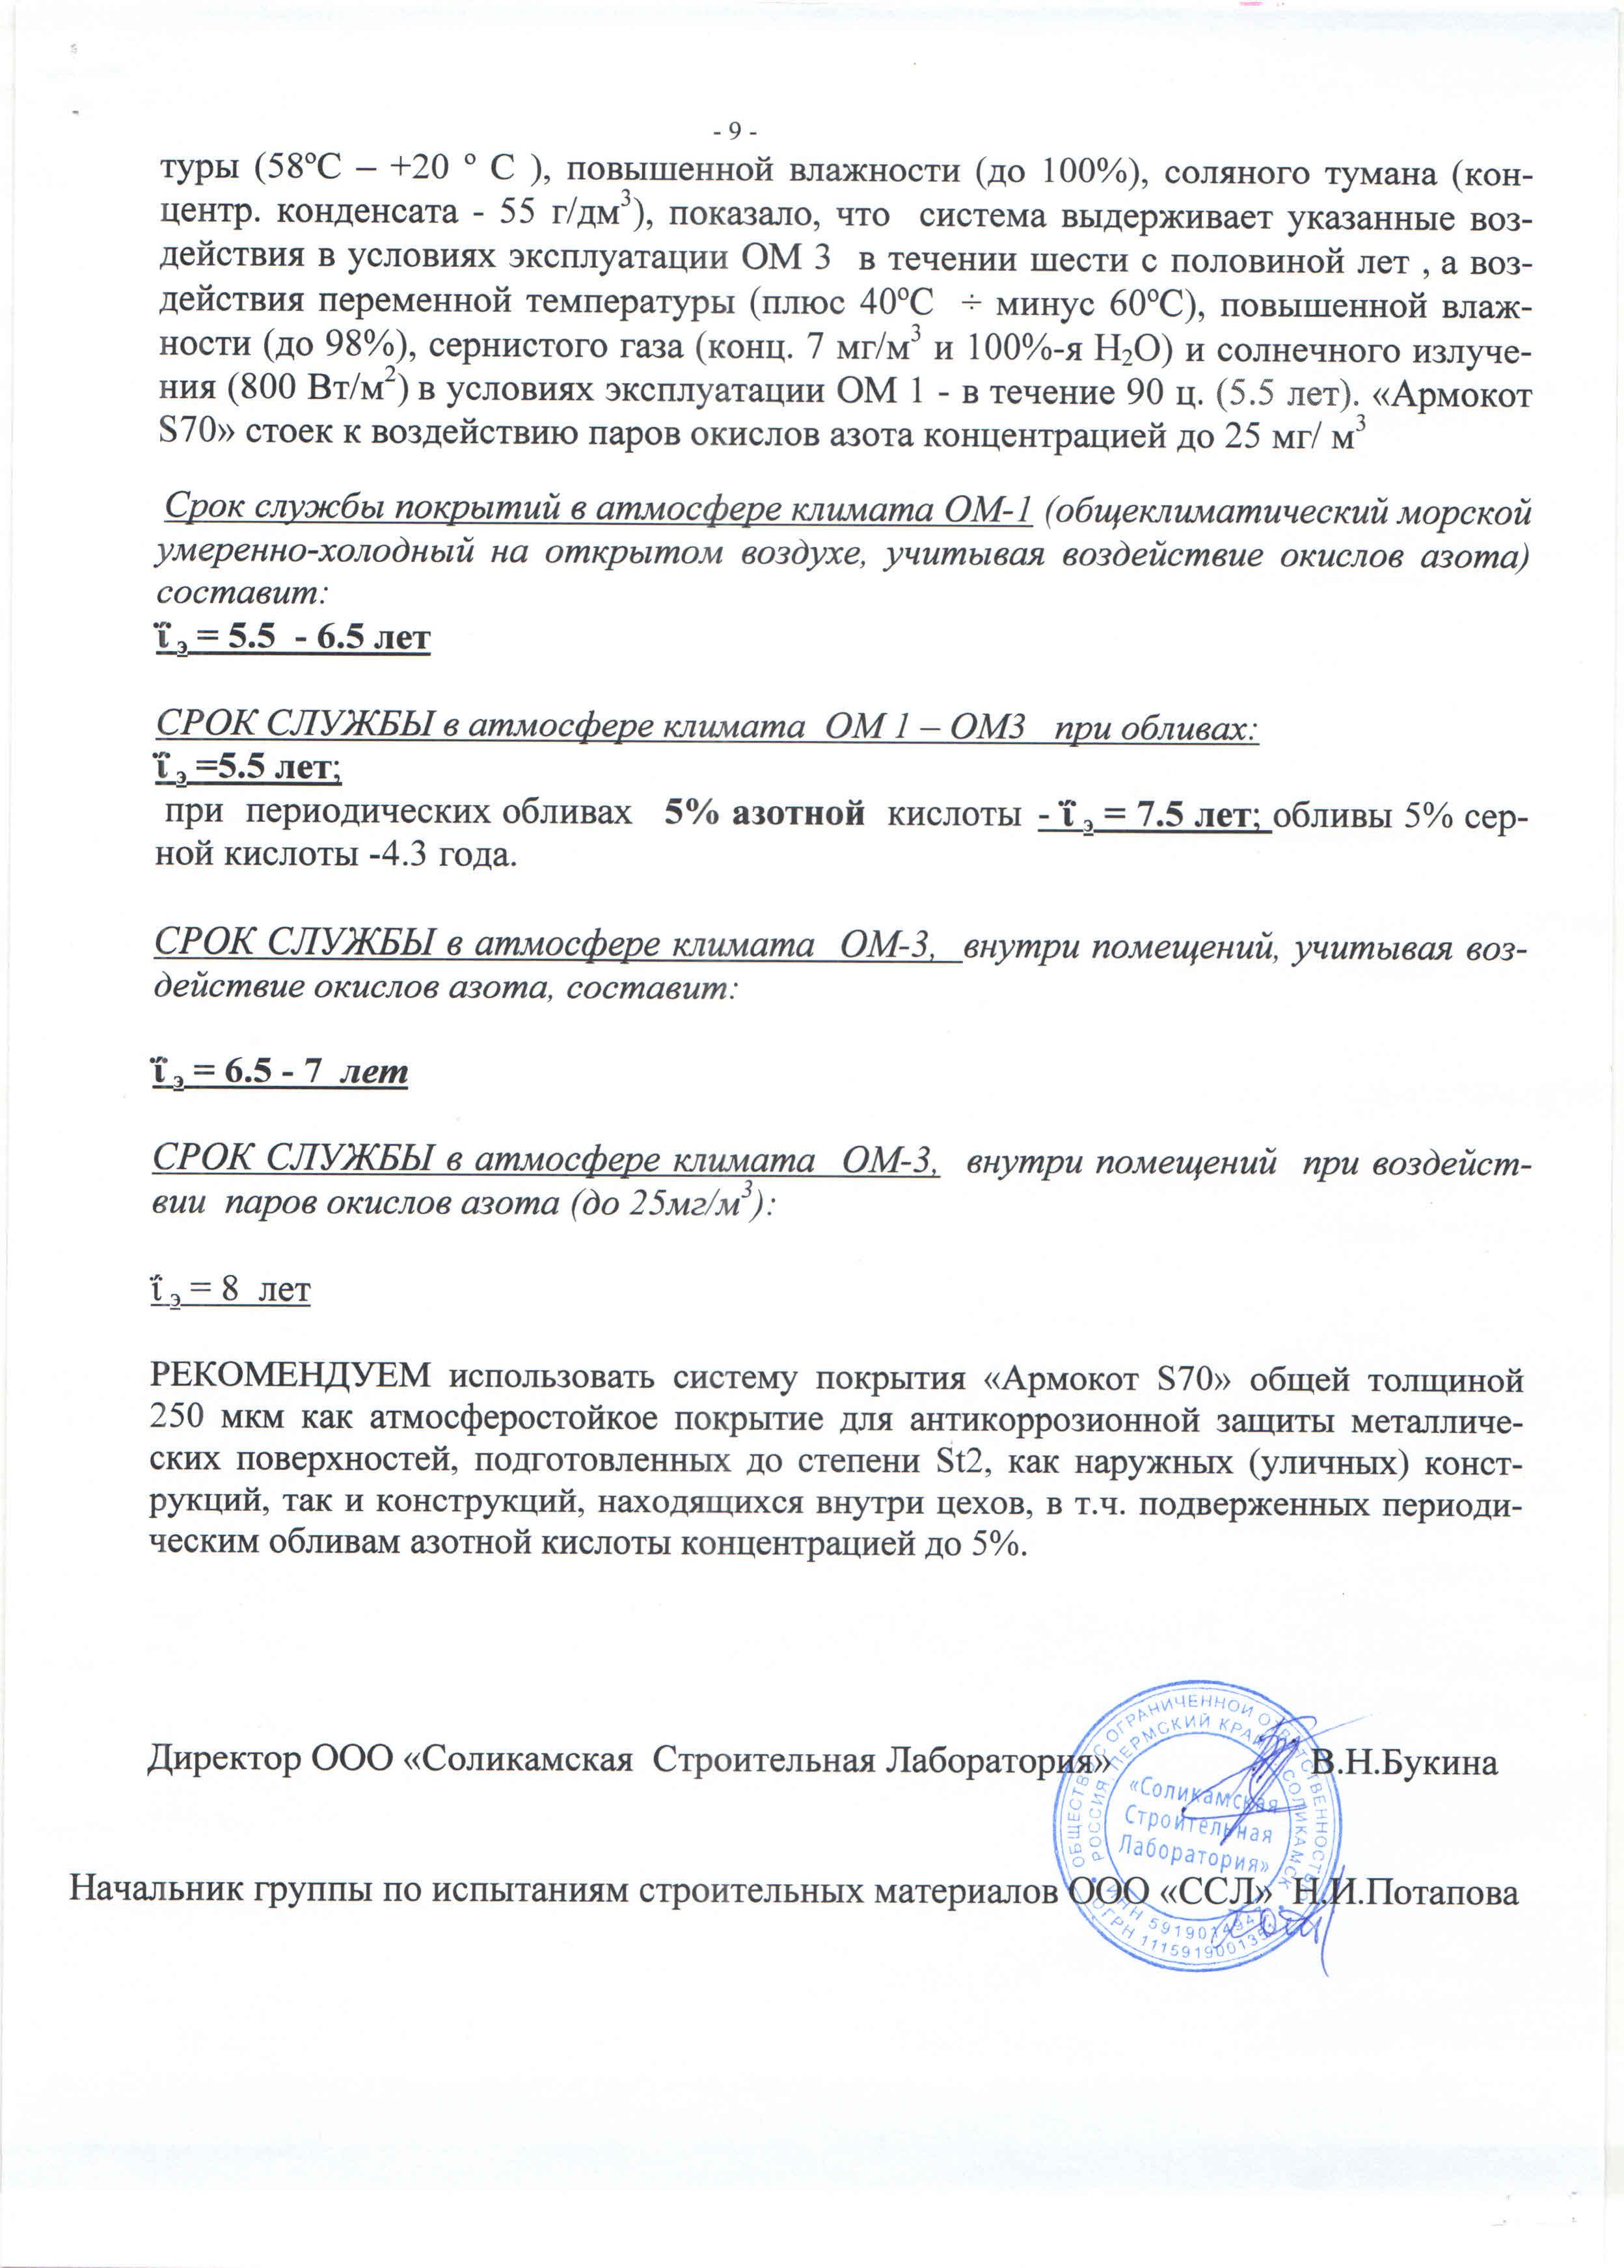 Заключение ООО «Соликамская строительная лаборатория» металл Уралхим 07N70007 N77007S70 (2)_Страница_9